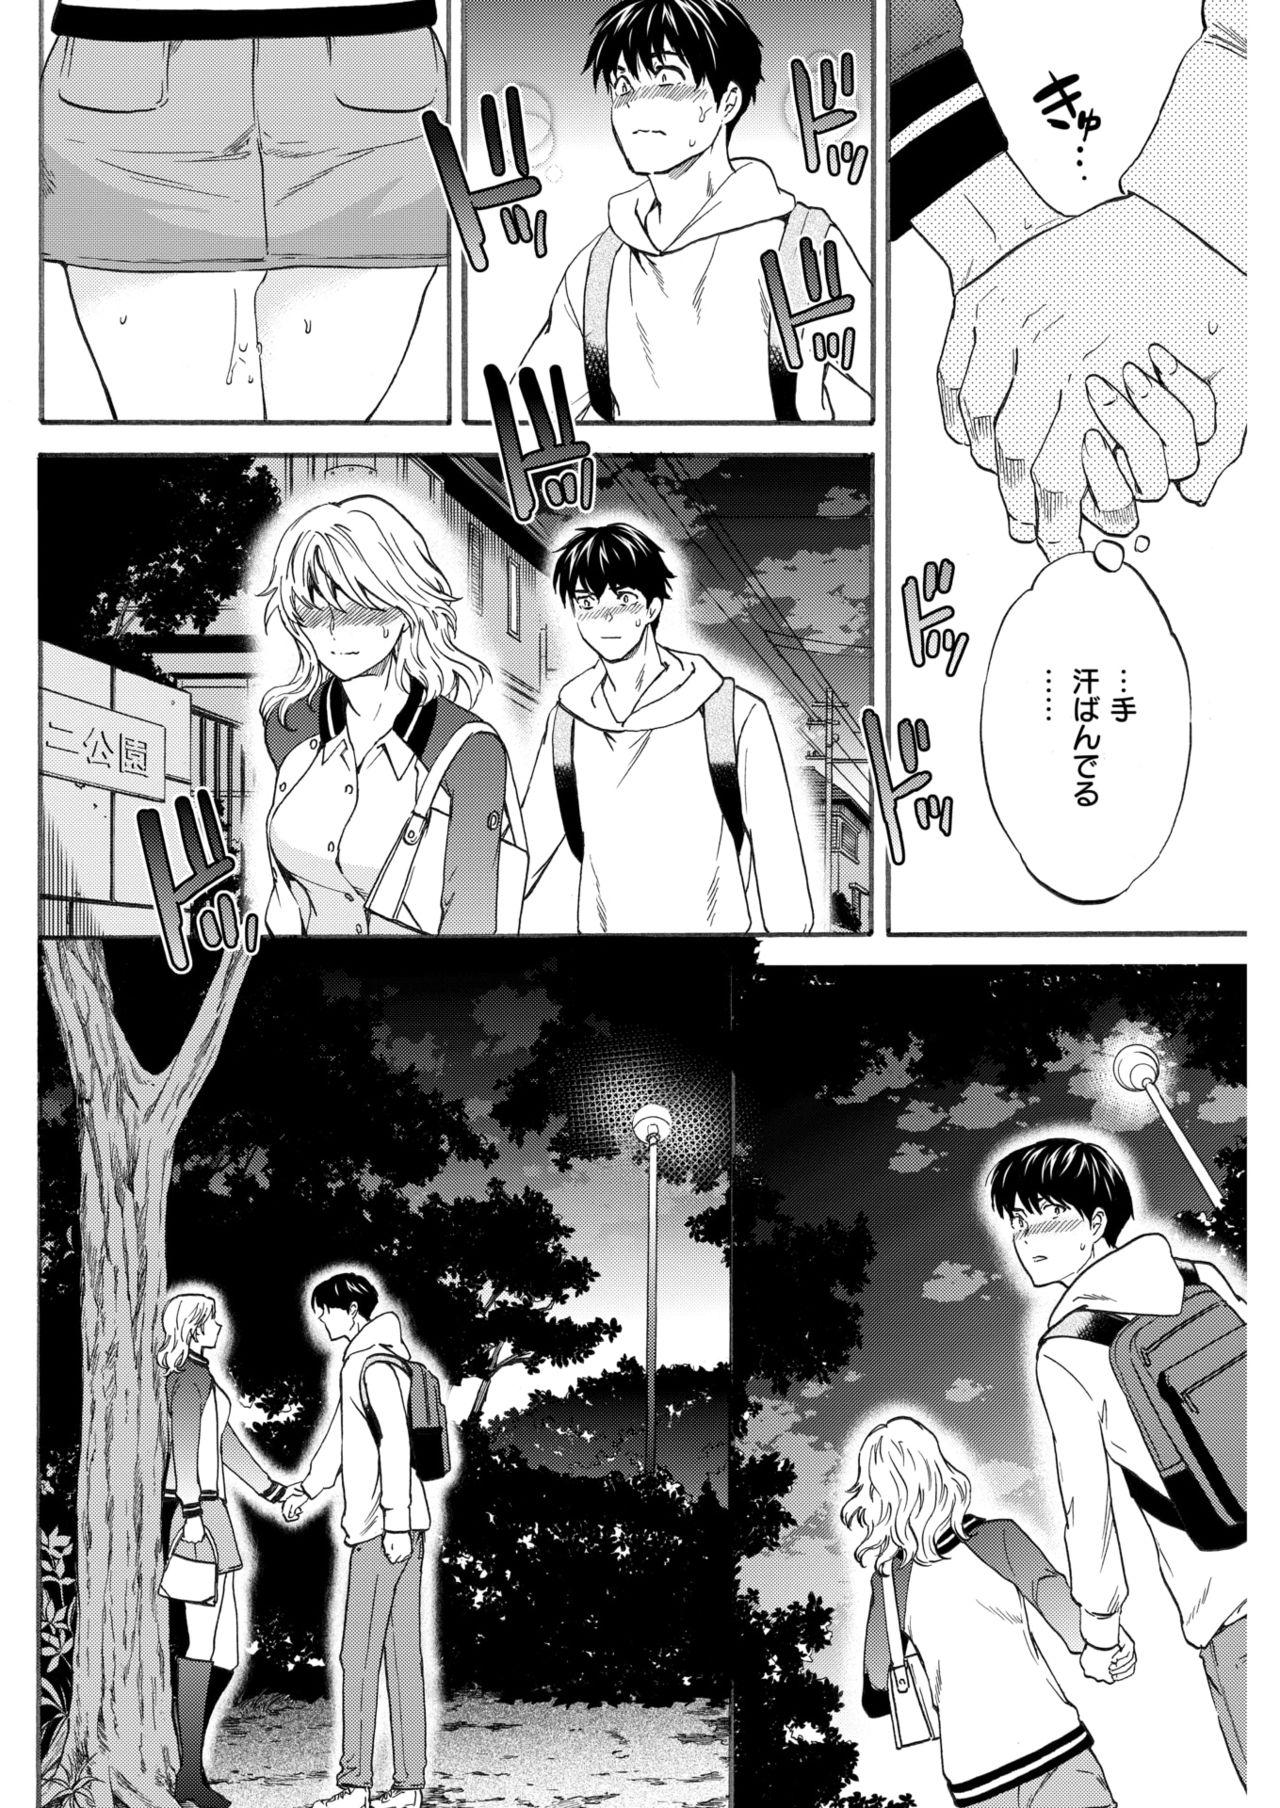 SPECIAL_Cuvie_COMIC_kairakutenbiisuto_2018nen04gatsugou_